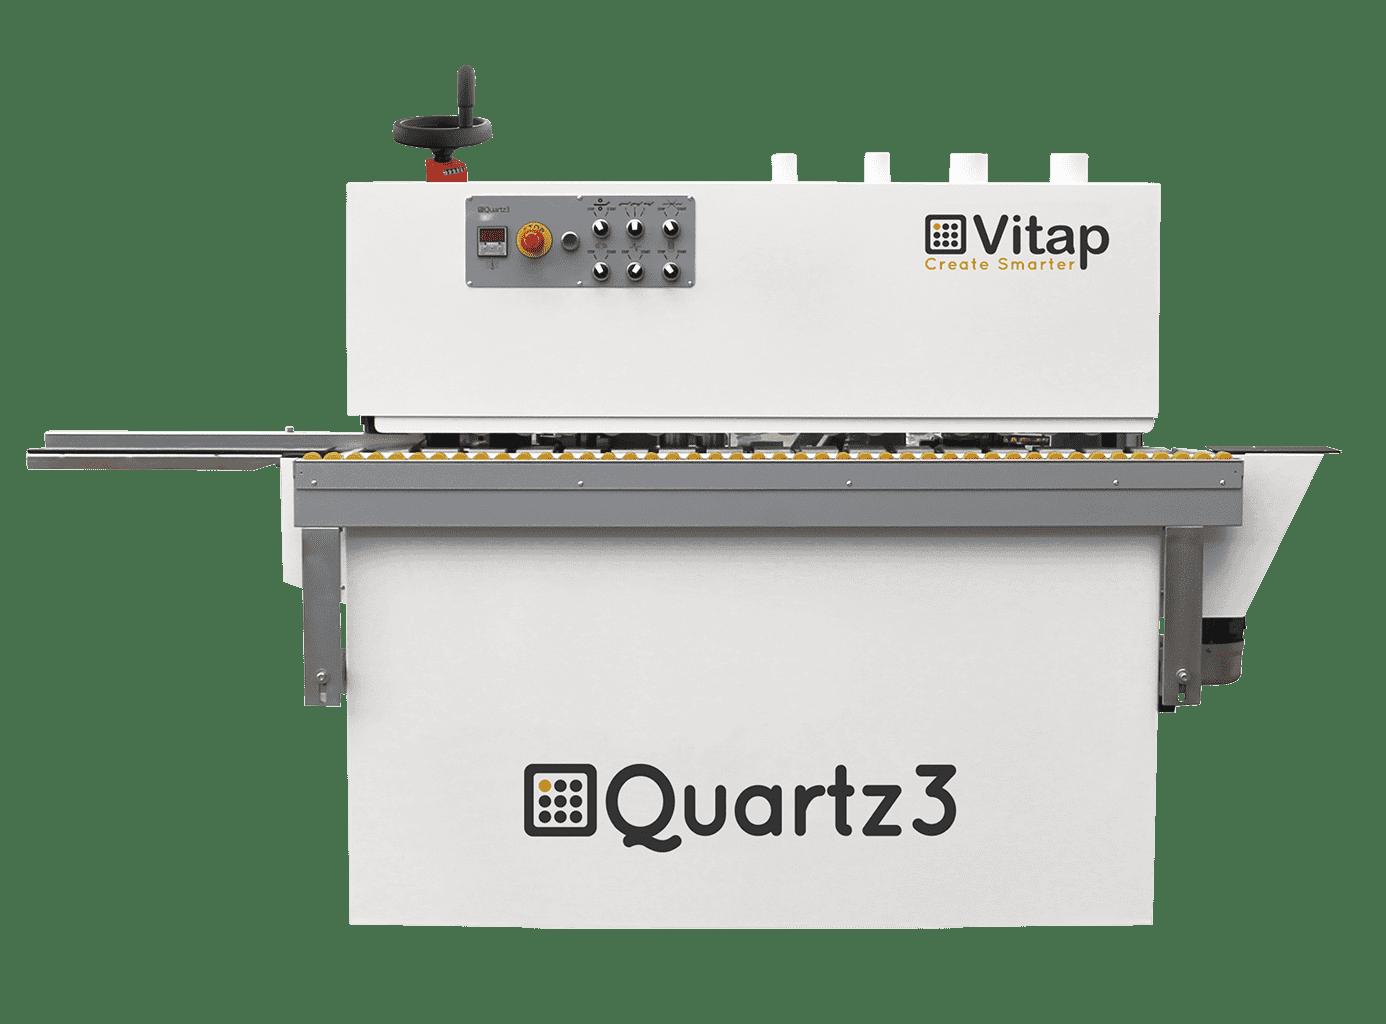 Vitap - Quartz 3